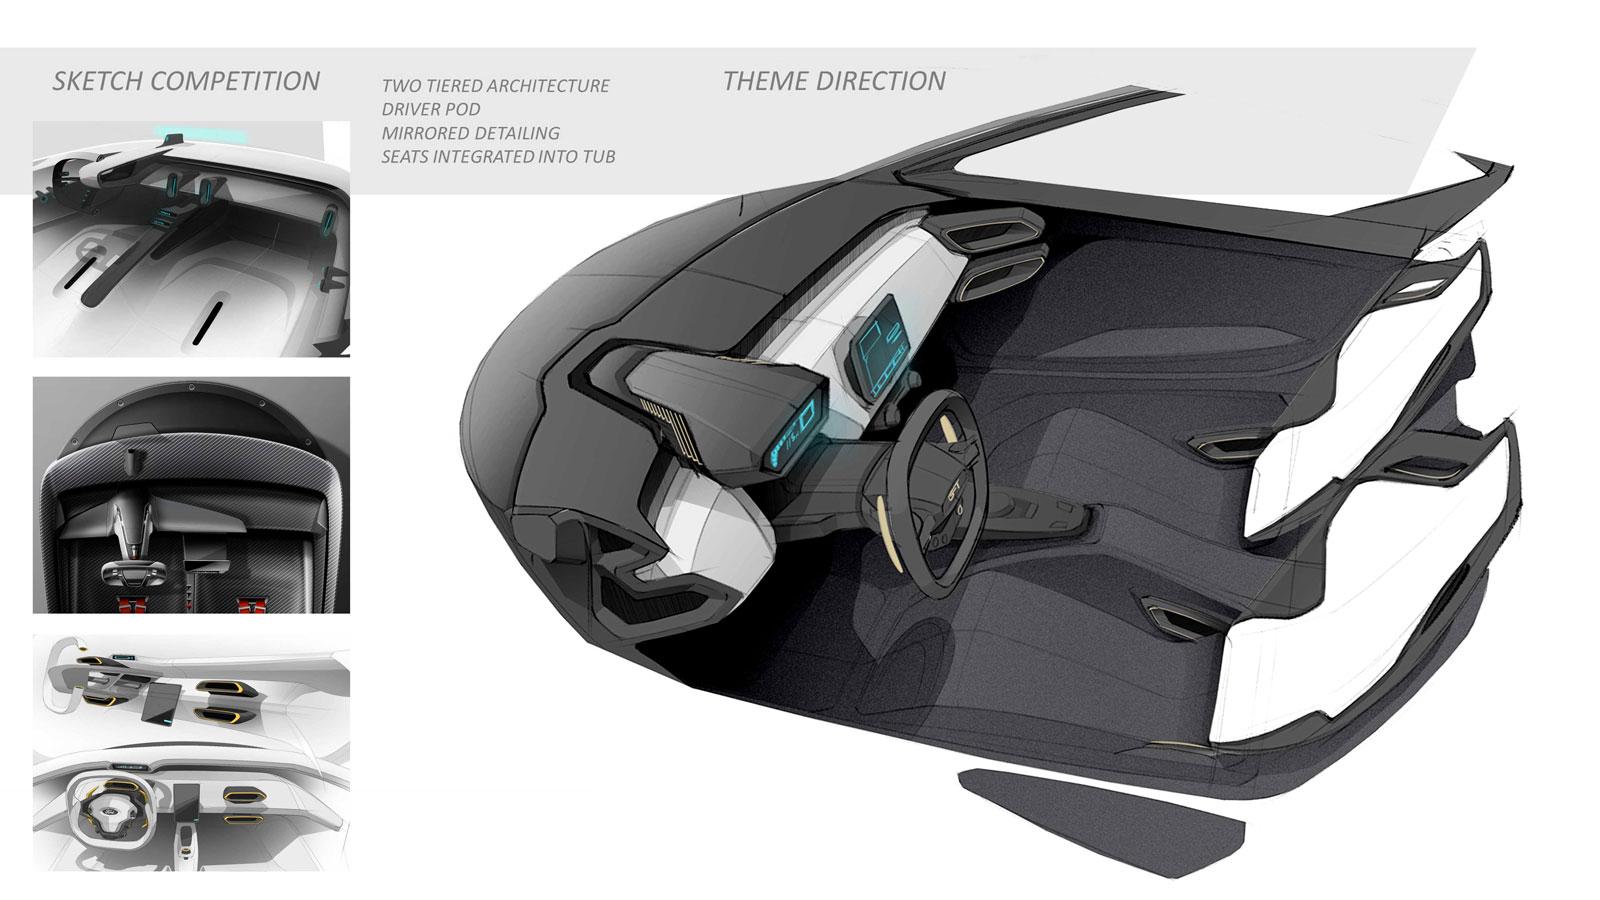 Ford Gt Interior Design Sketch Render Design Direction